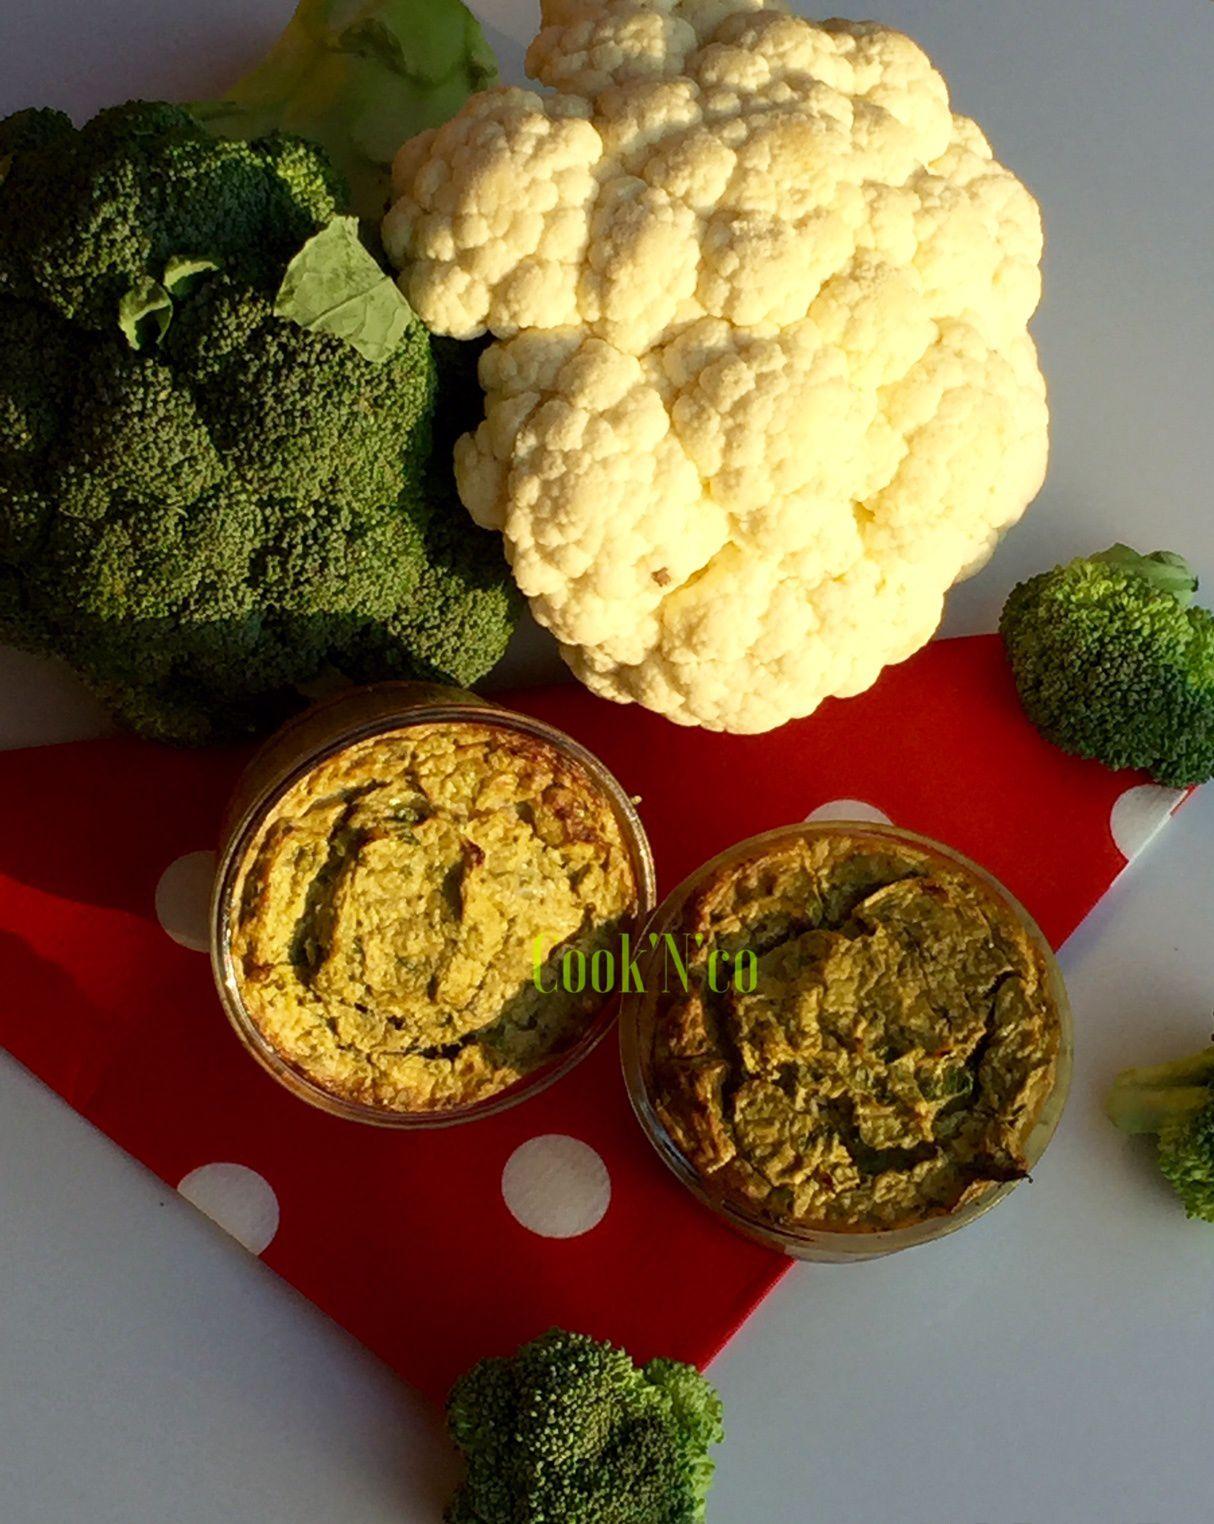 Petits flans brocoli/chou-fleur (pour 4 personnes)